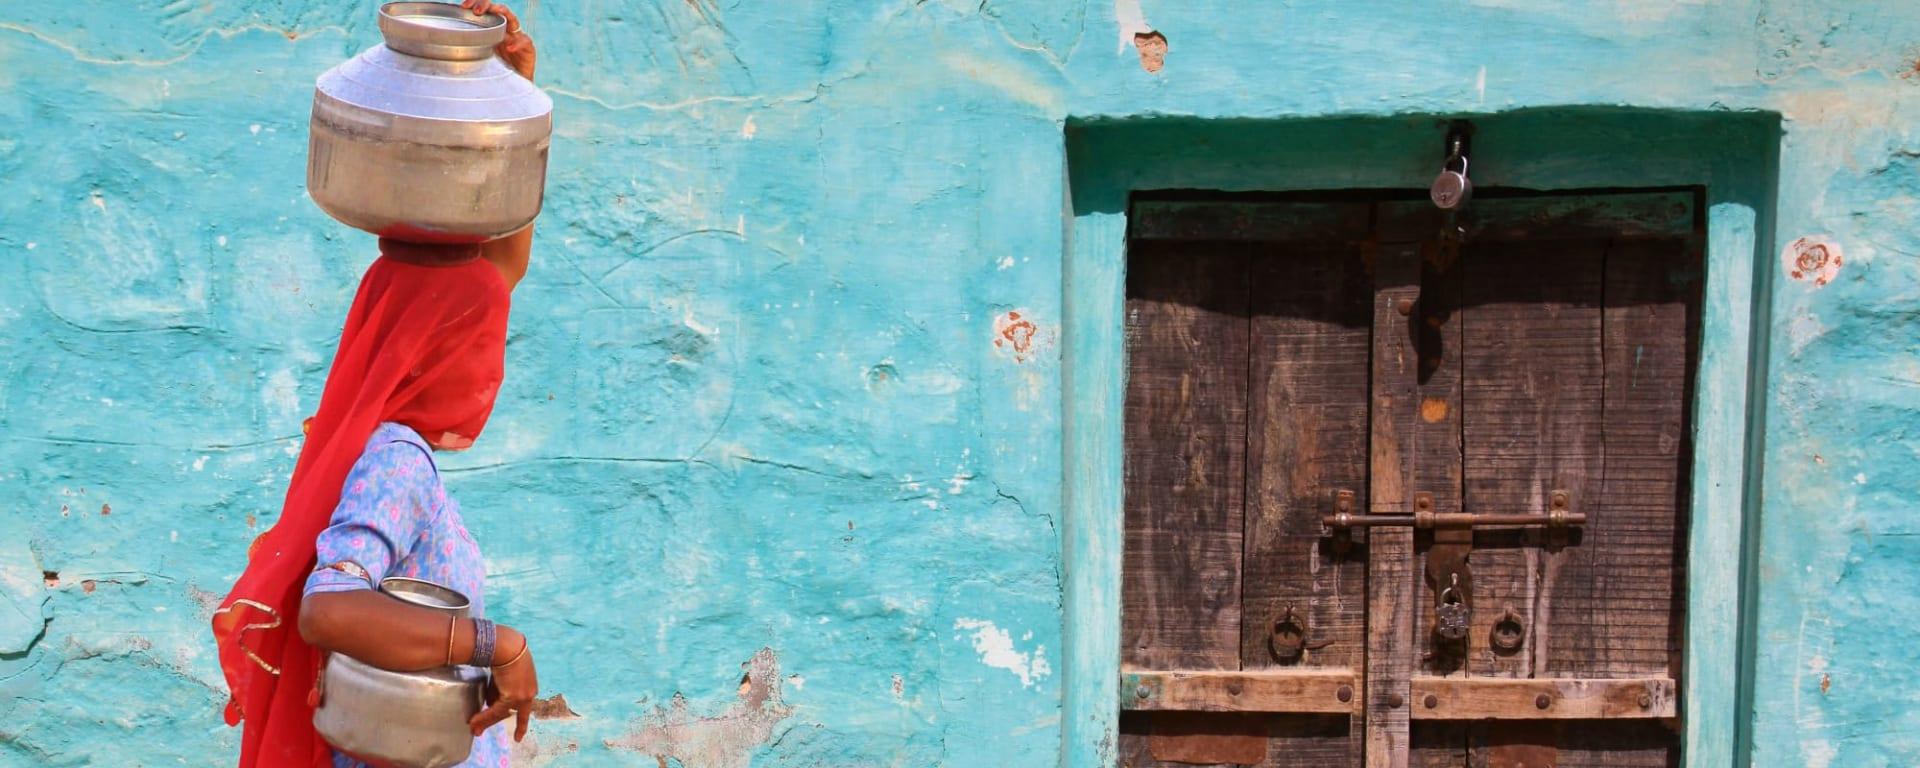 Indien entdecken mit Tischler Reisen: Indien Rajasthan Frau mit Wasserbehälter